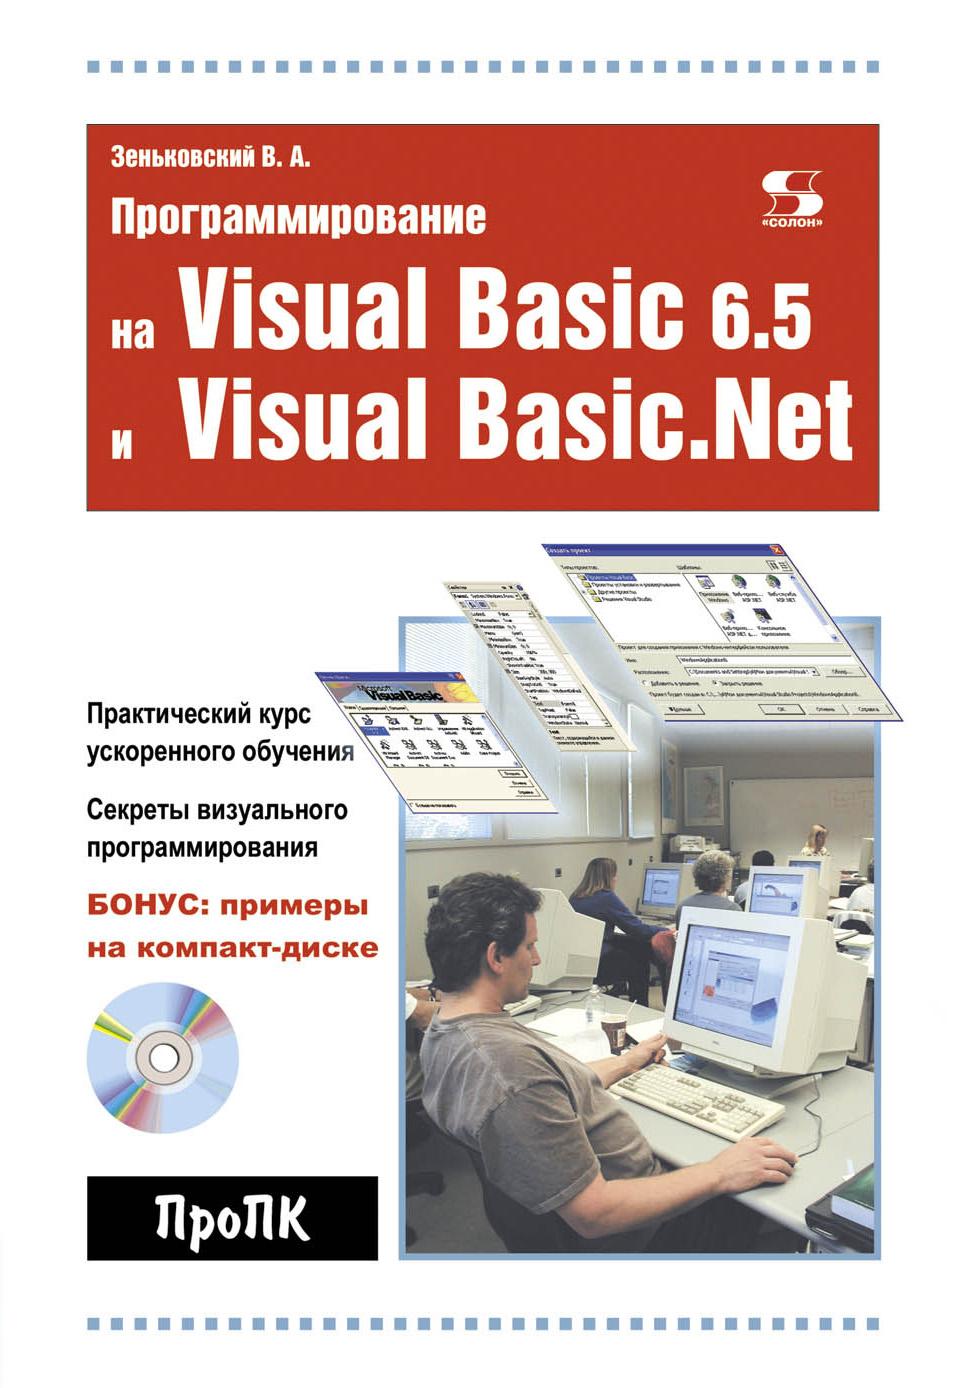 В. А. Зеньковский Программирование на Visual Basic 6.5 и Visual Basic.Net адаменко анатолий логическое программирование и visual prolog в подлиннике